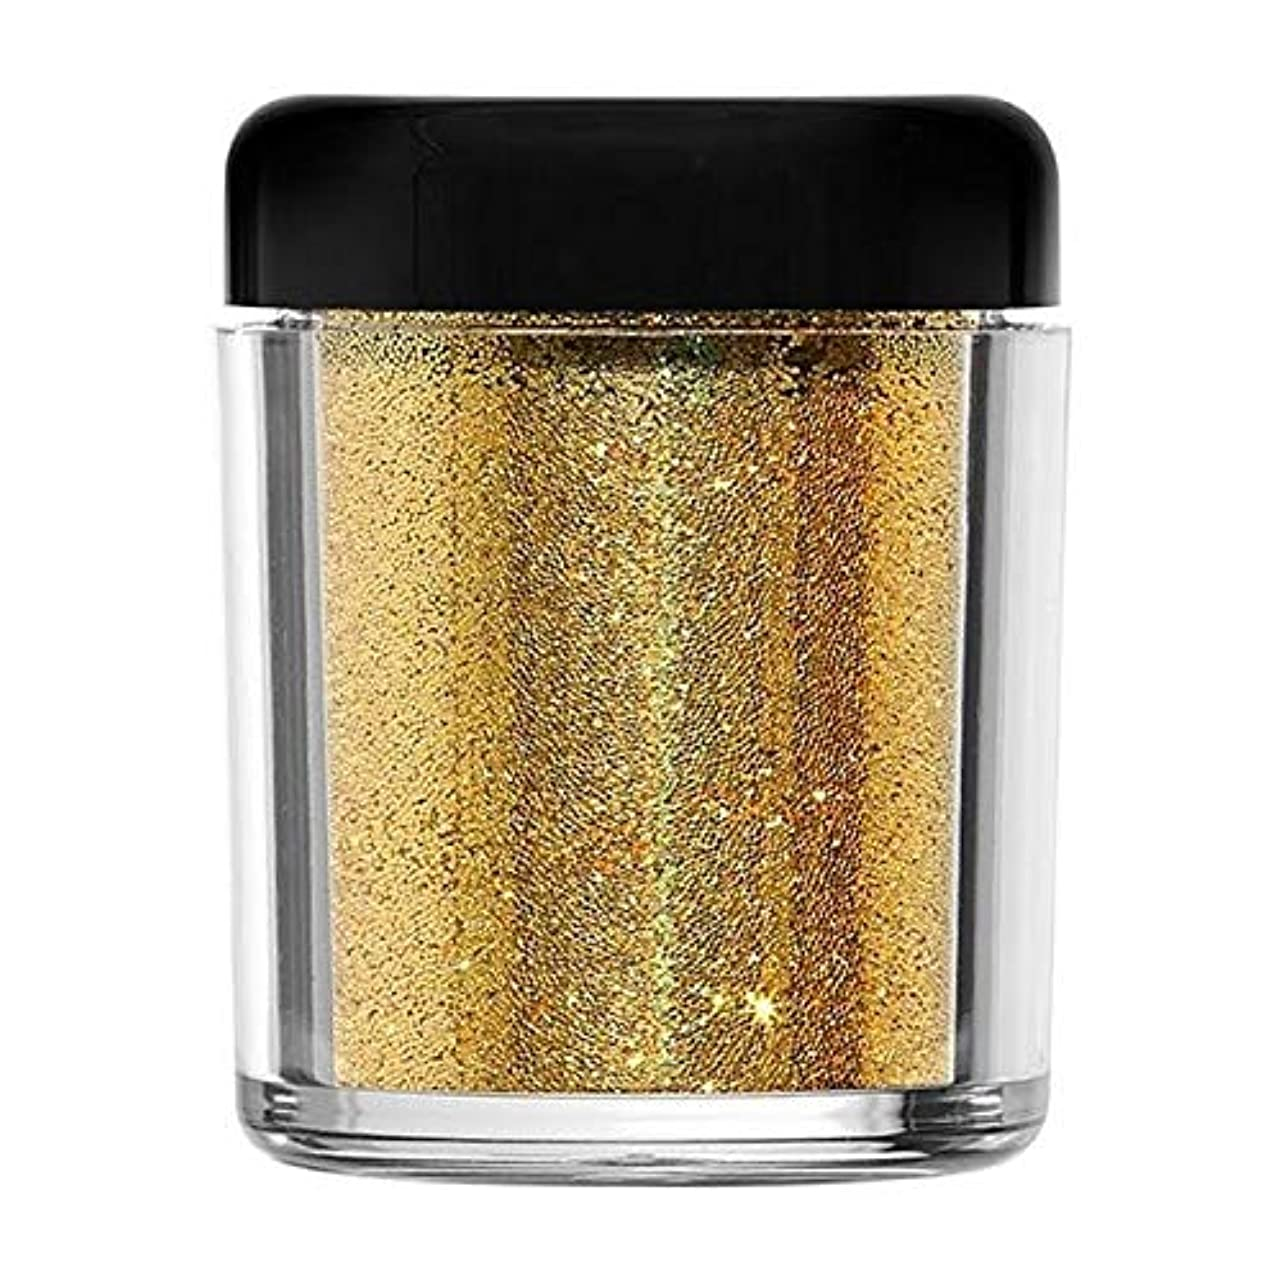 導入するありそう気分[Barry M ] バリーメートルのグリッターラッシュボディの輝き - 火の玉 - Barry M Glitter Rush Body Glitter - Fireball [並行輸入品]